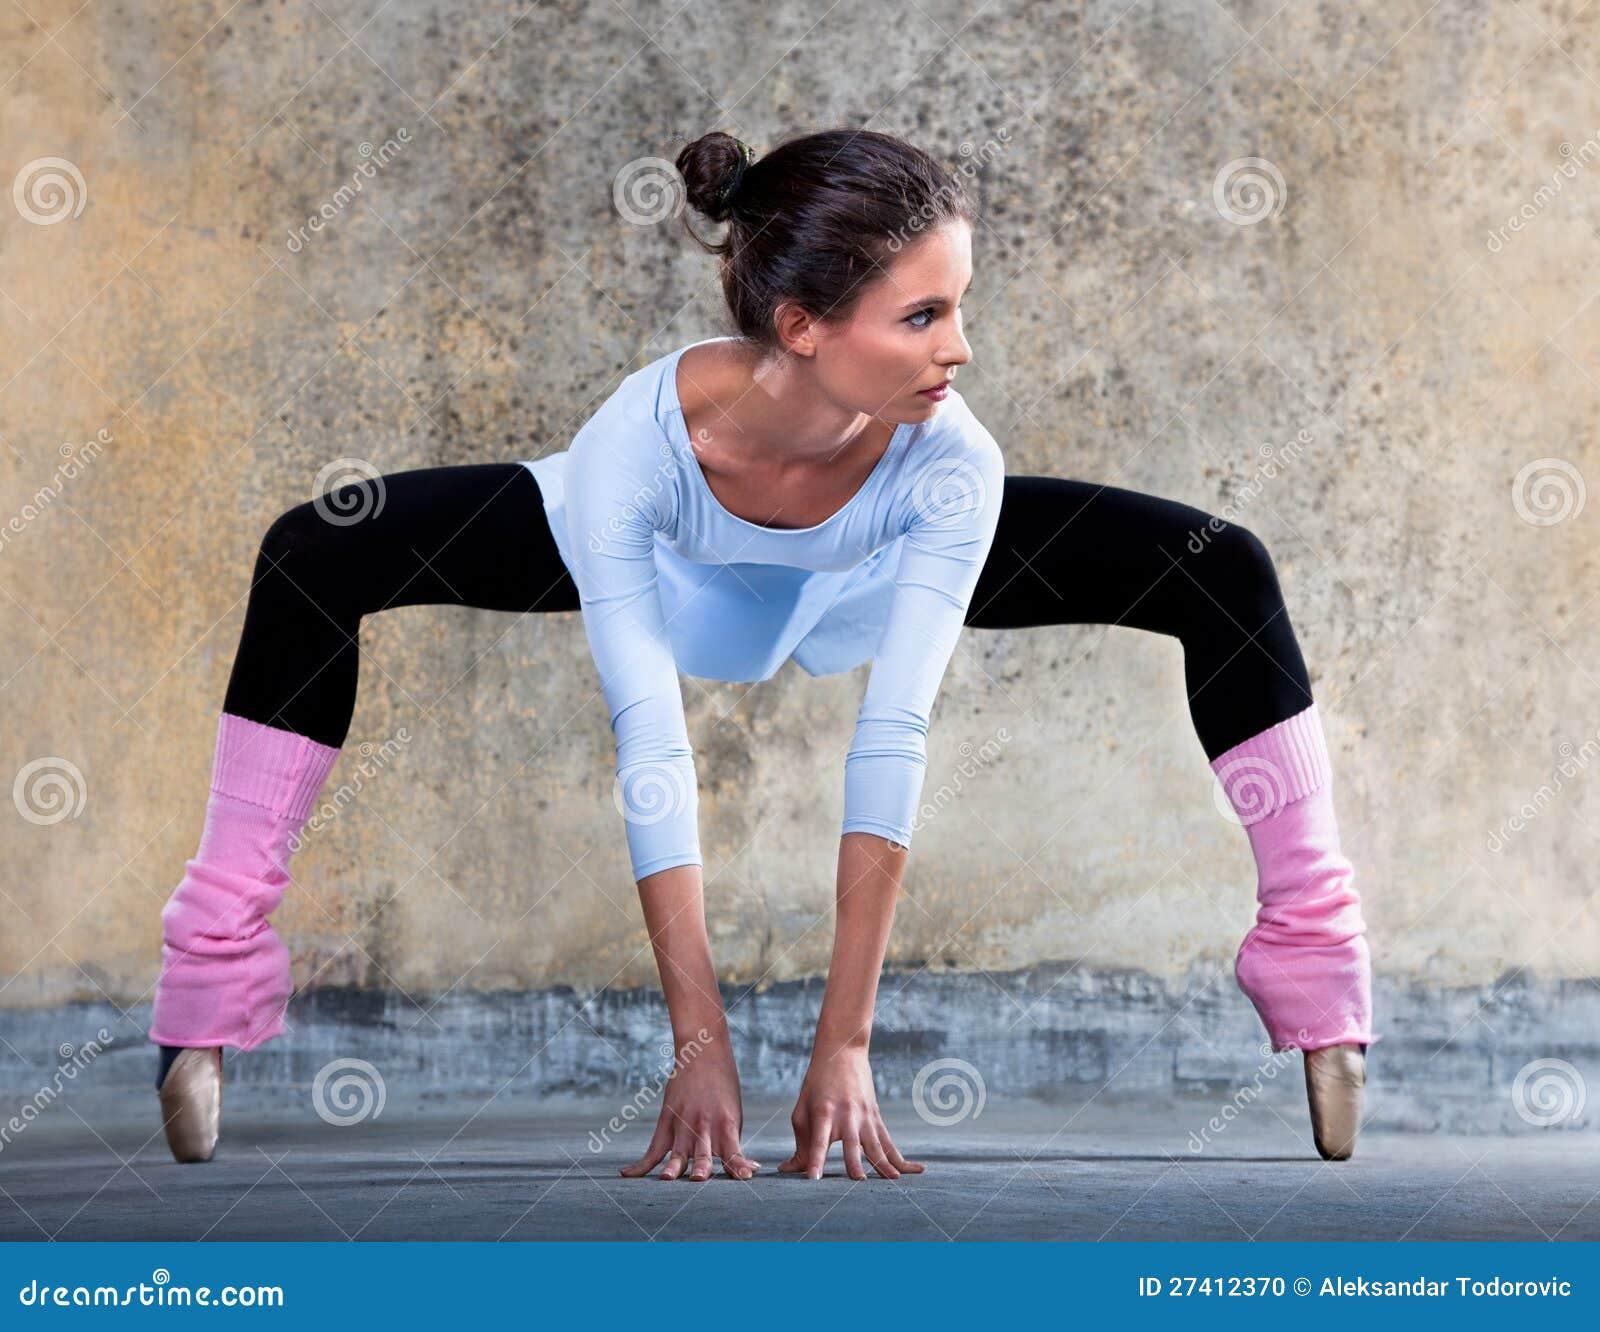 похудение советы балерины - YouTube